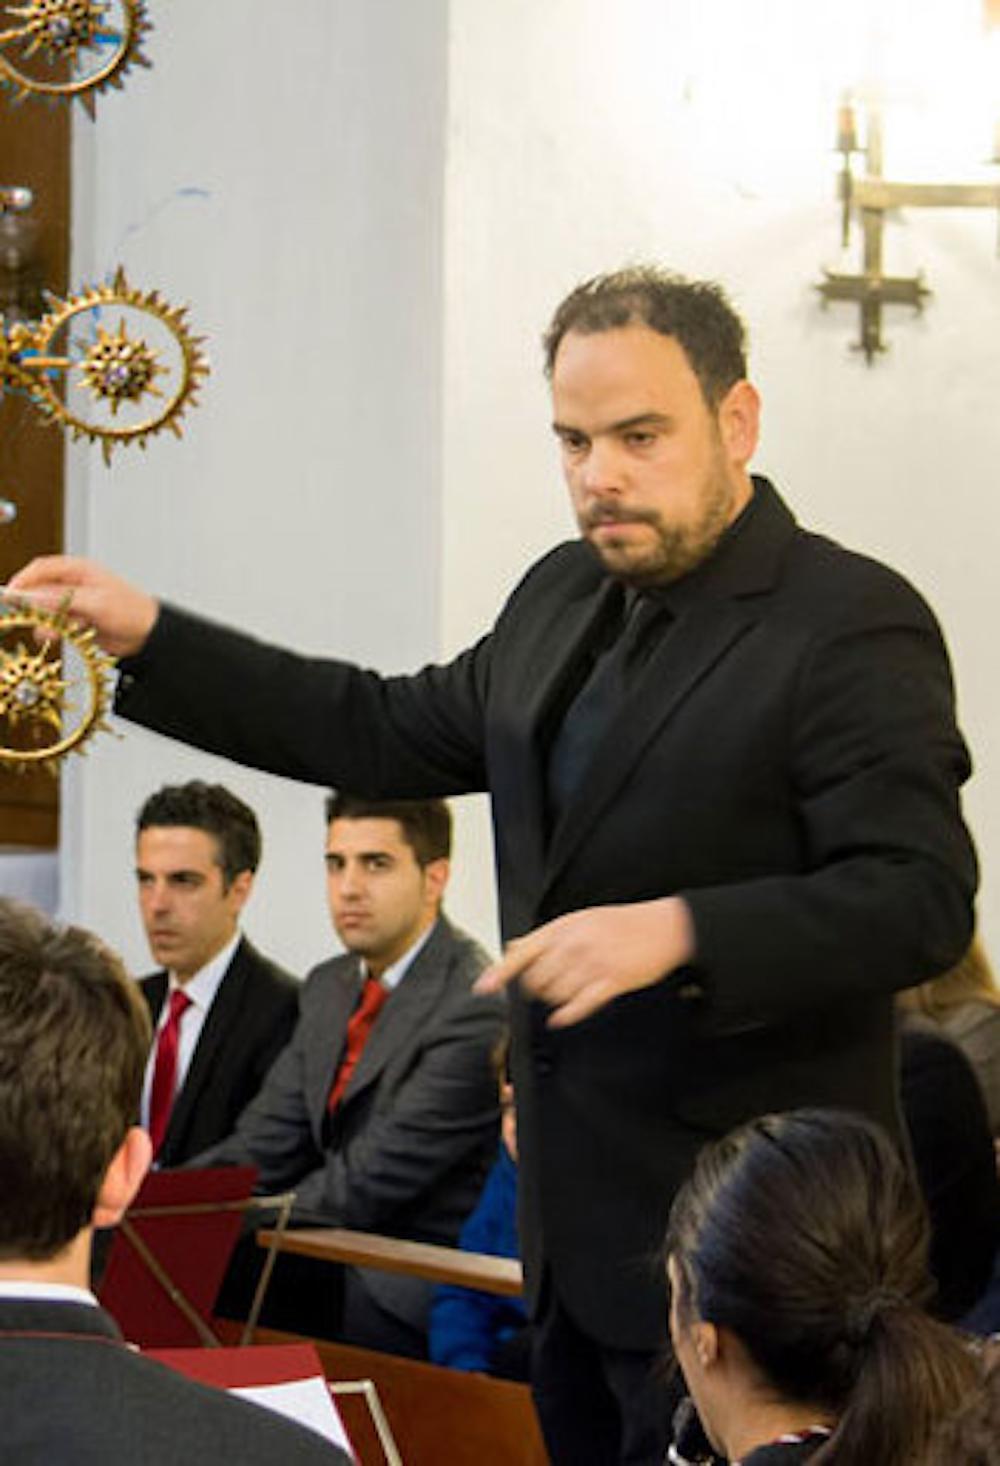 José Antonio Molero Luque